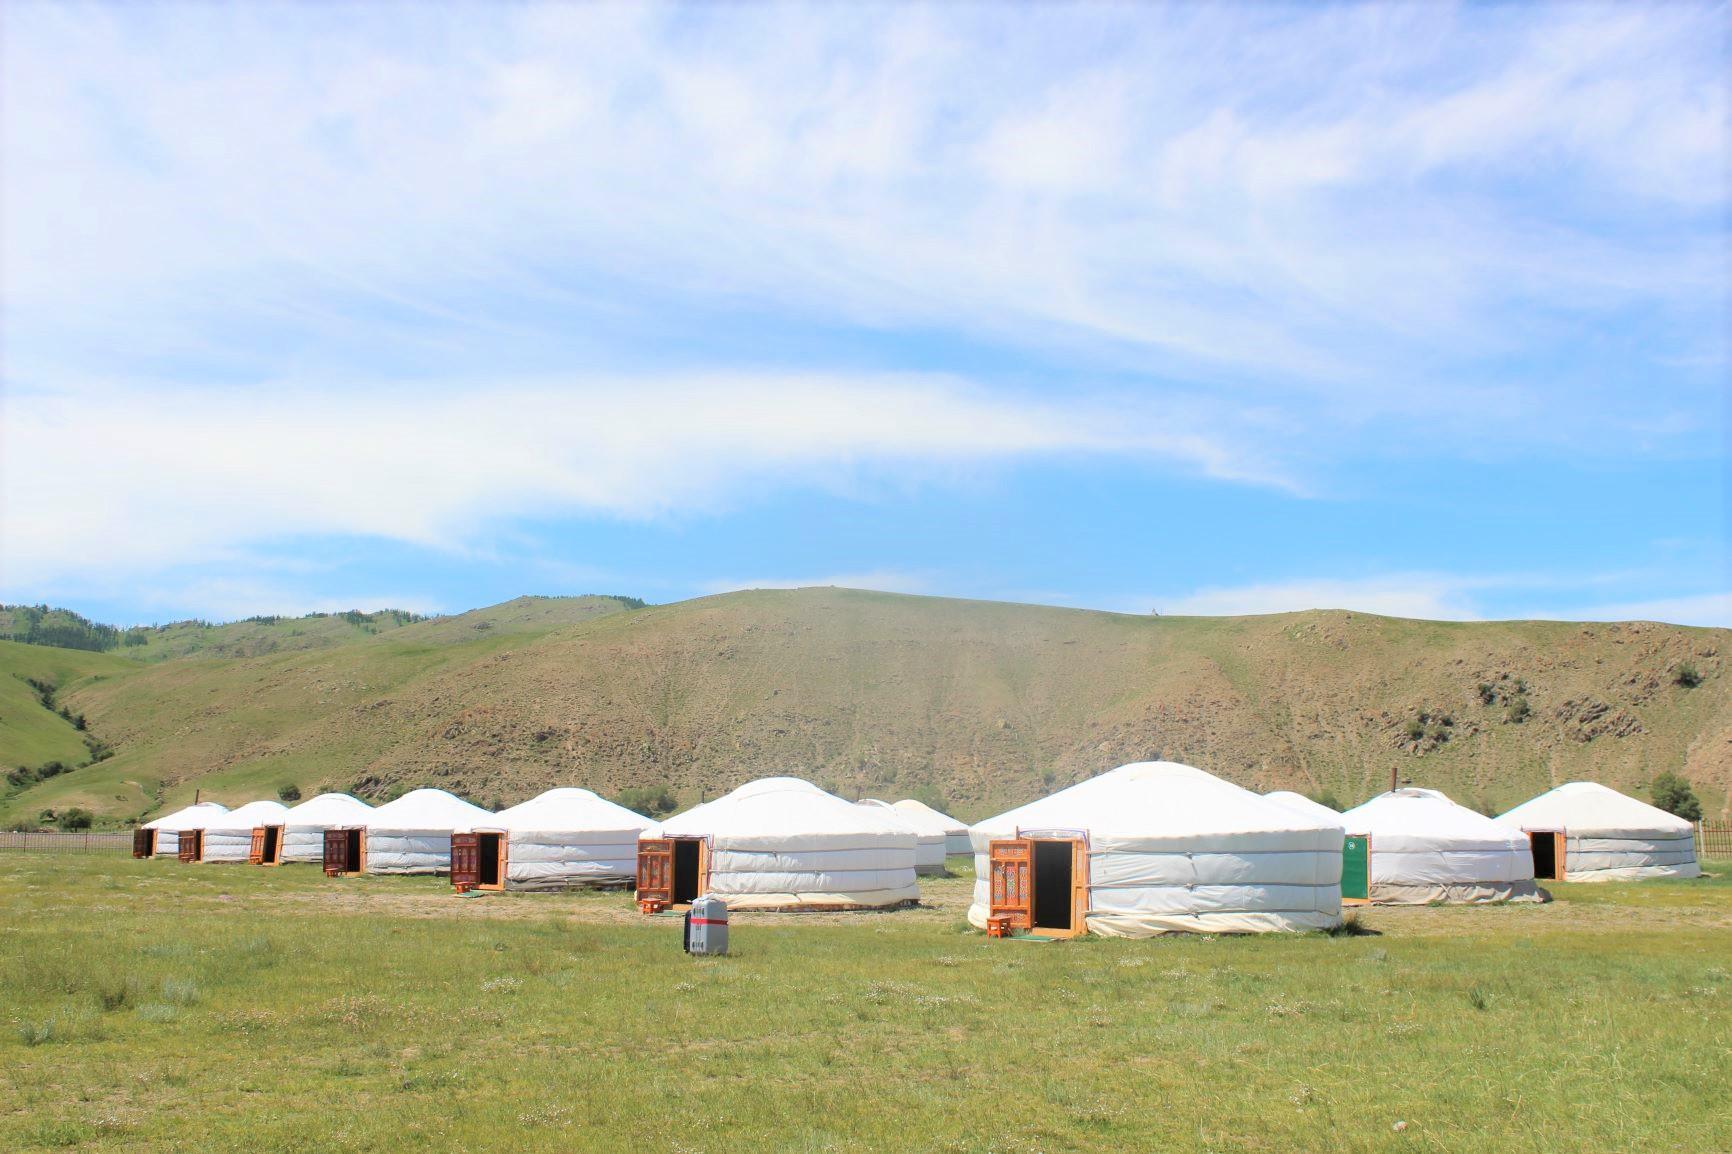 ゲルに宿泊するタイプのツーリストキャンプ